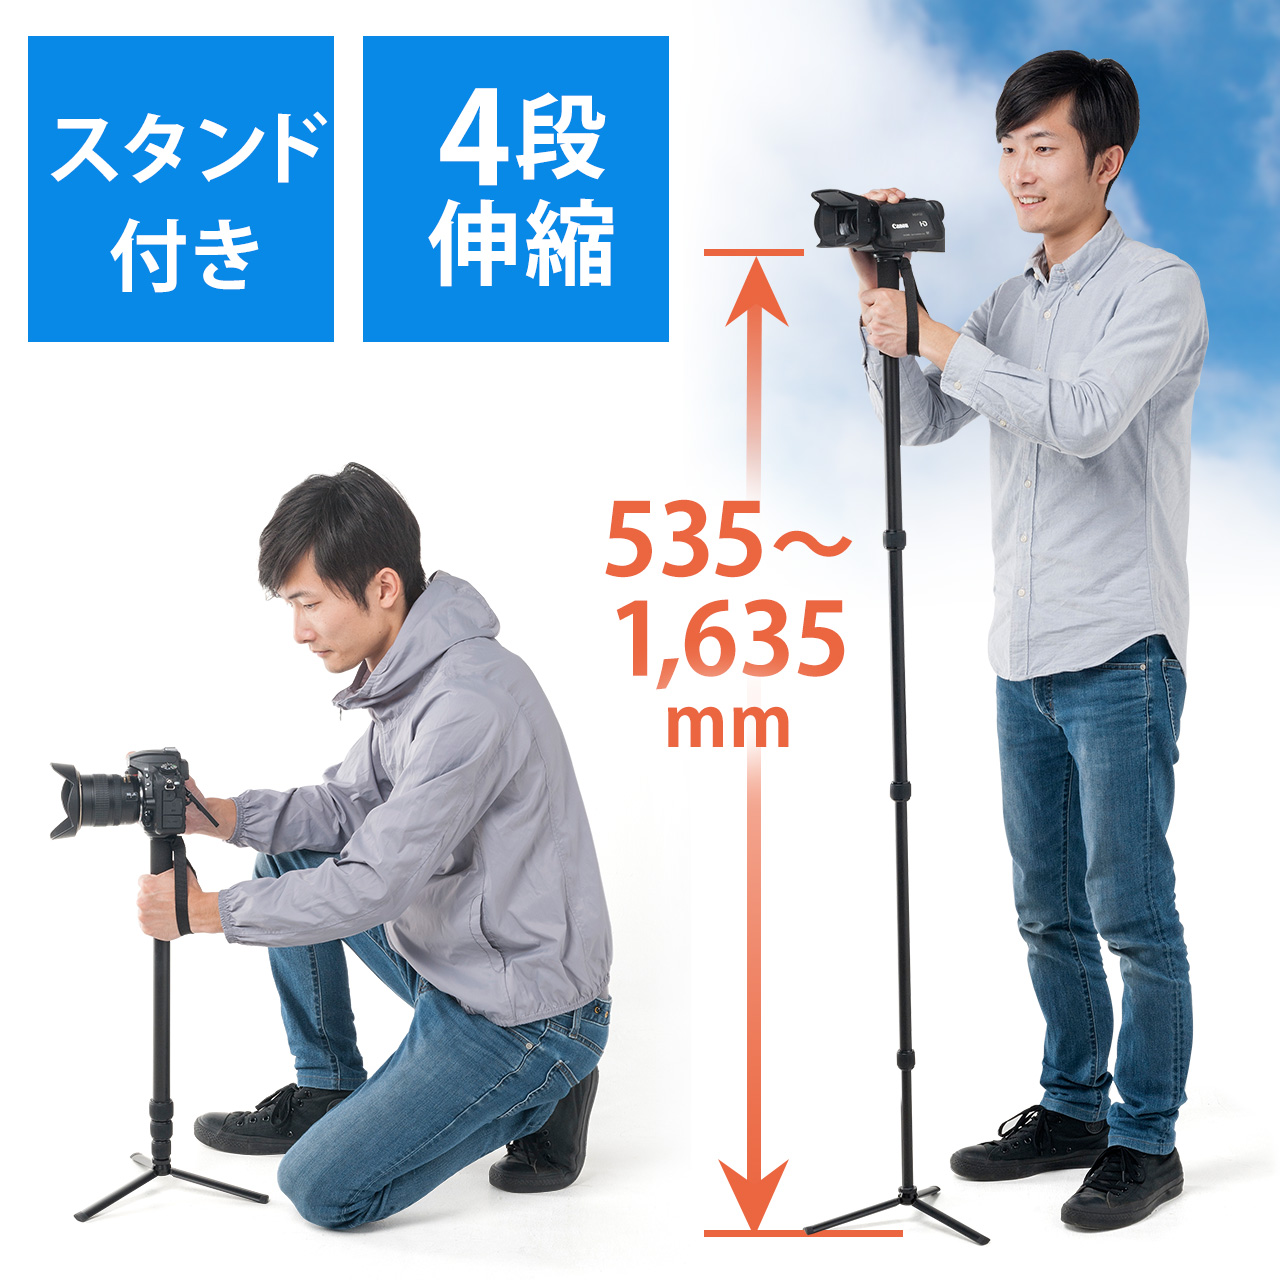 おすすめ三脚の選び方   カメラのキタムラ